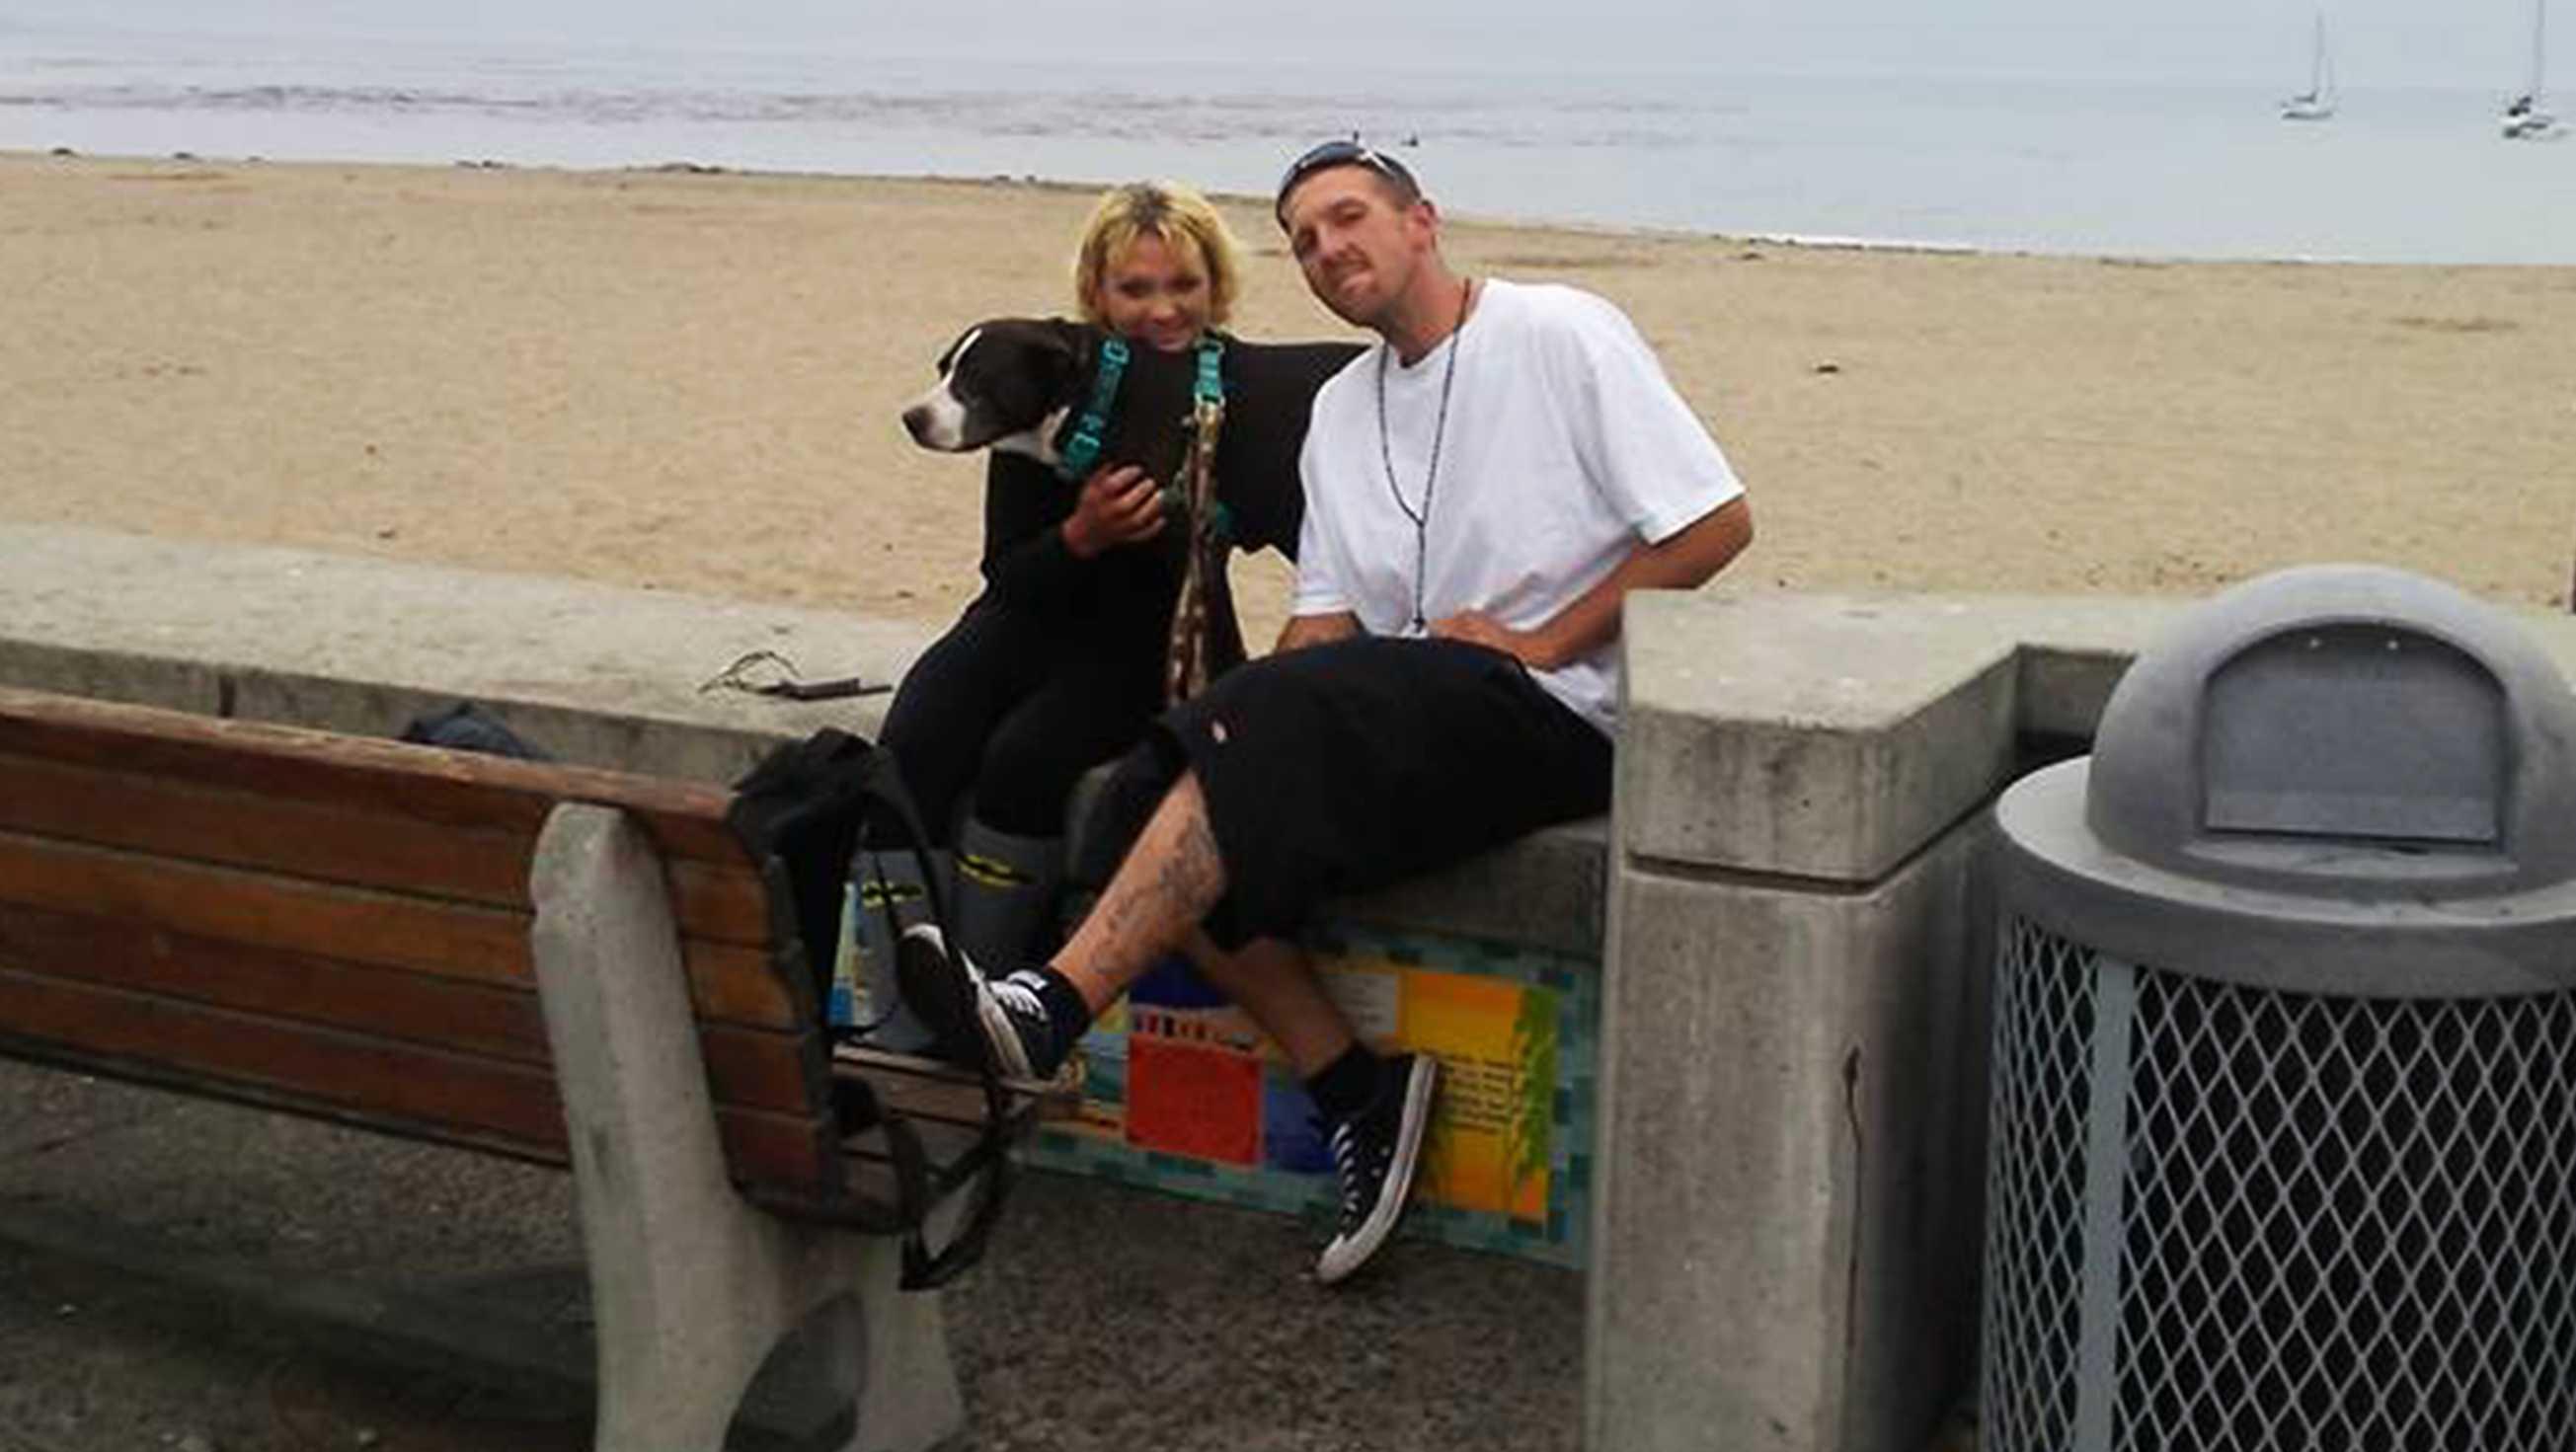 Nino Ruiz and his girlfriend